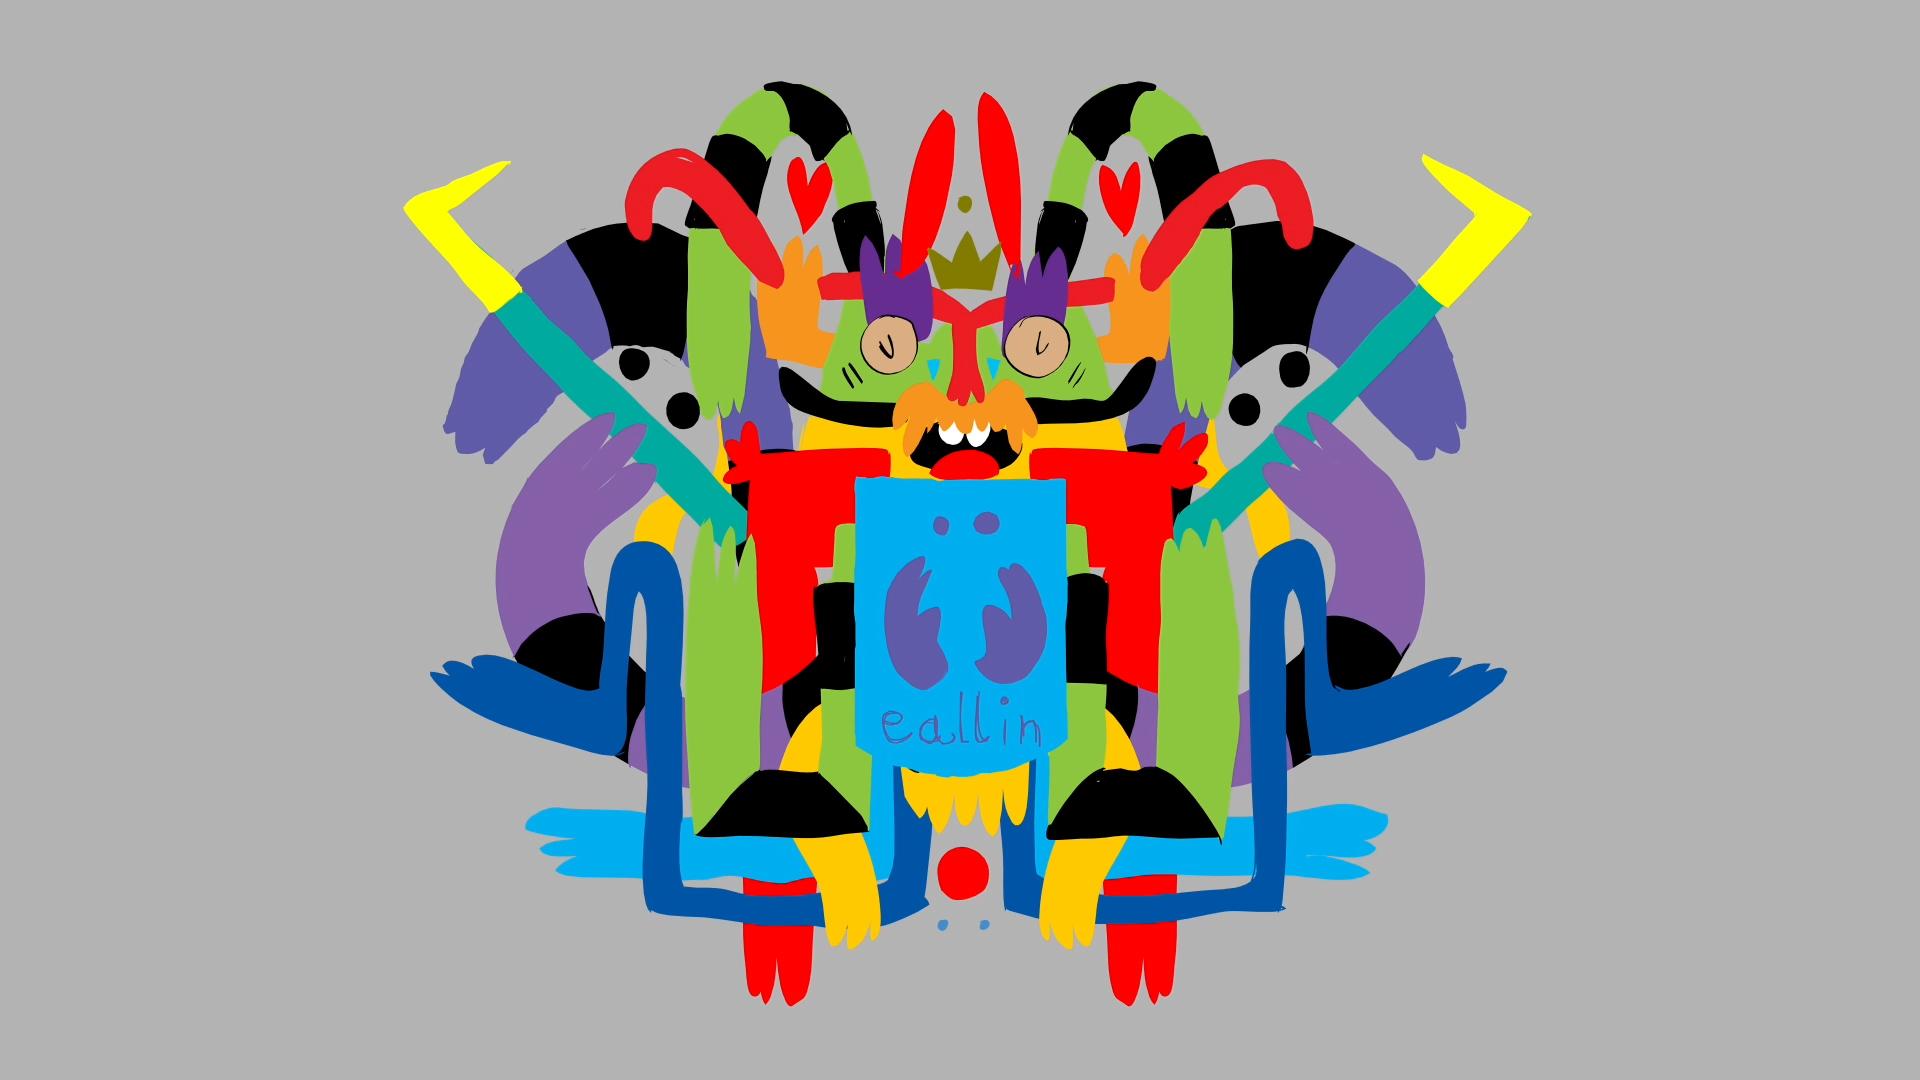 http://www.joachimloesener.com/wp-content/uploads/2018/10/Eallin-Logo-Animation_1.mp4